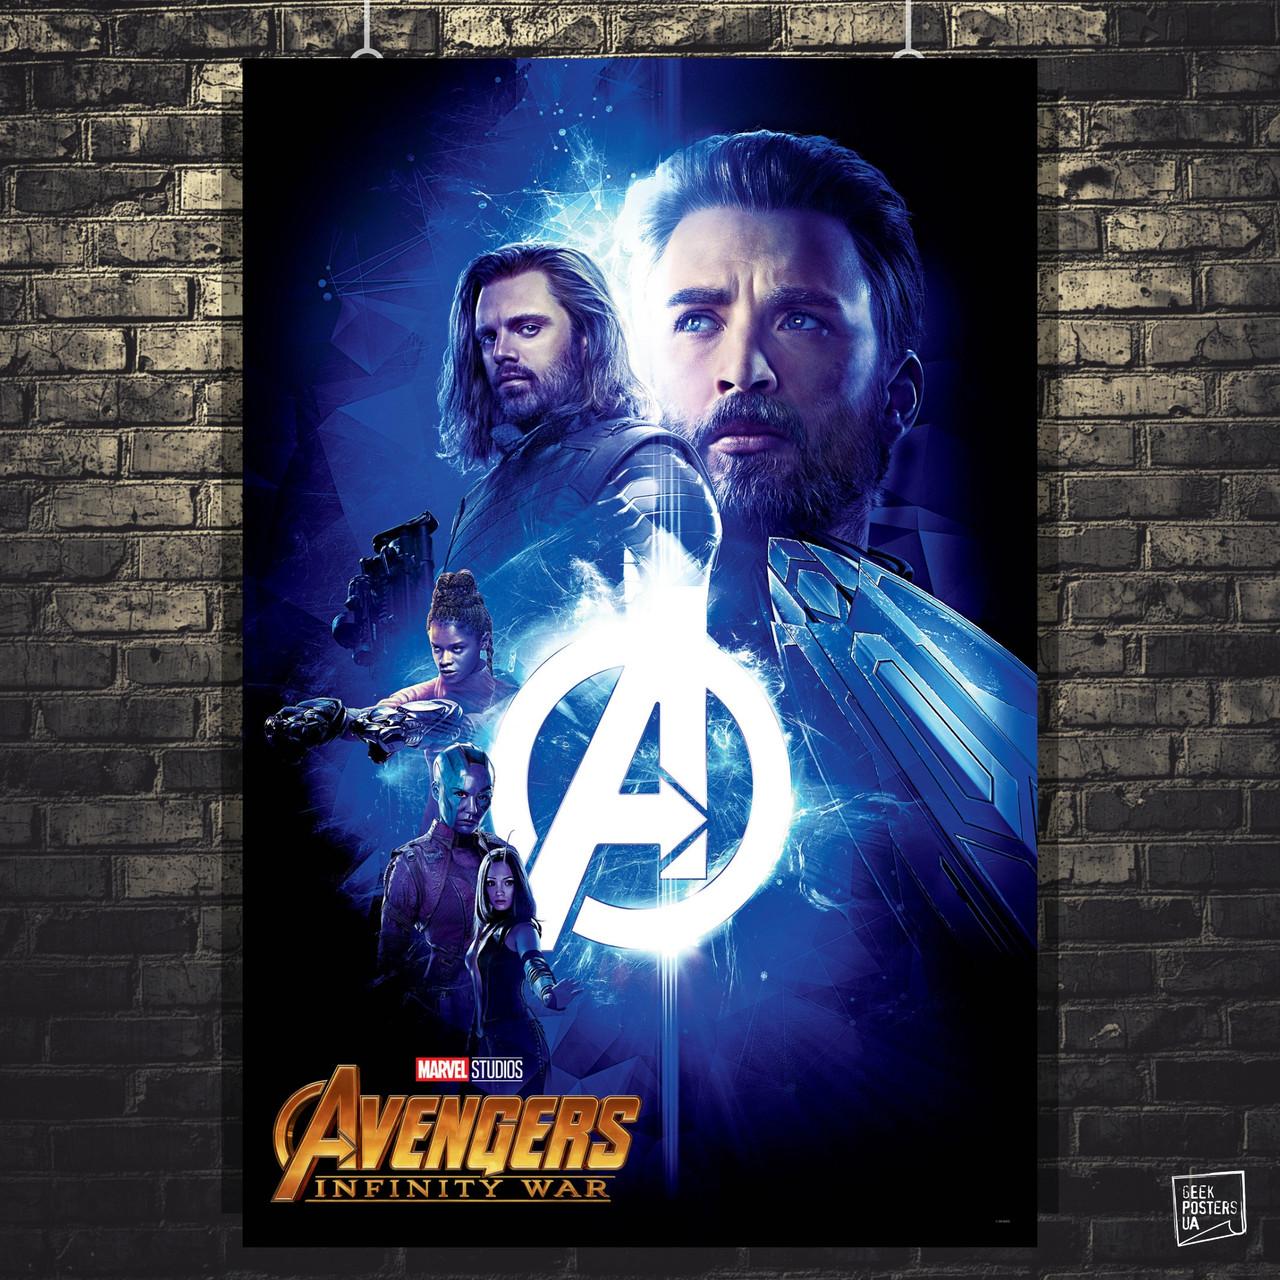 Постер Мстители: Война Бесконечности, Avengers: Infinity War (синий). Размер 60x40см (A2). Глянцевая бумага